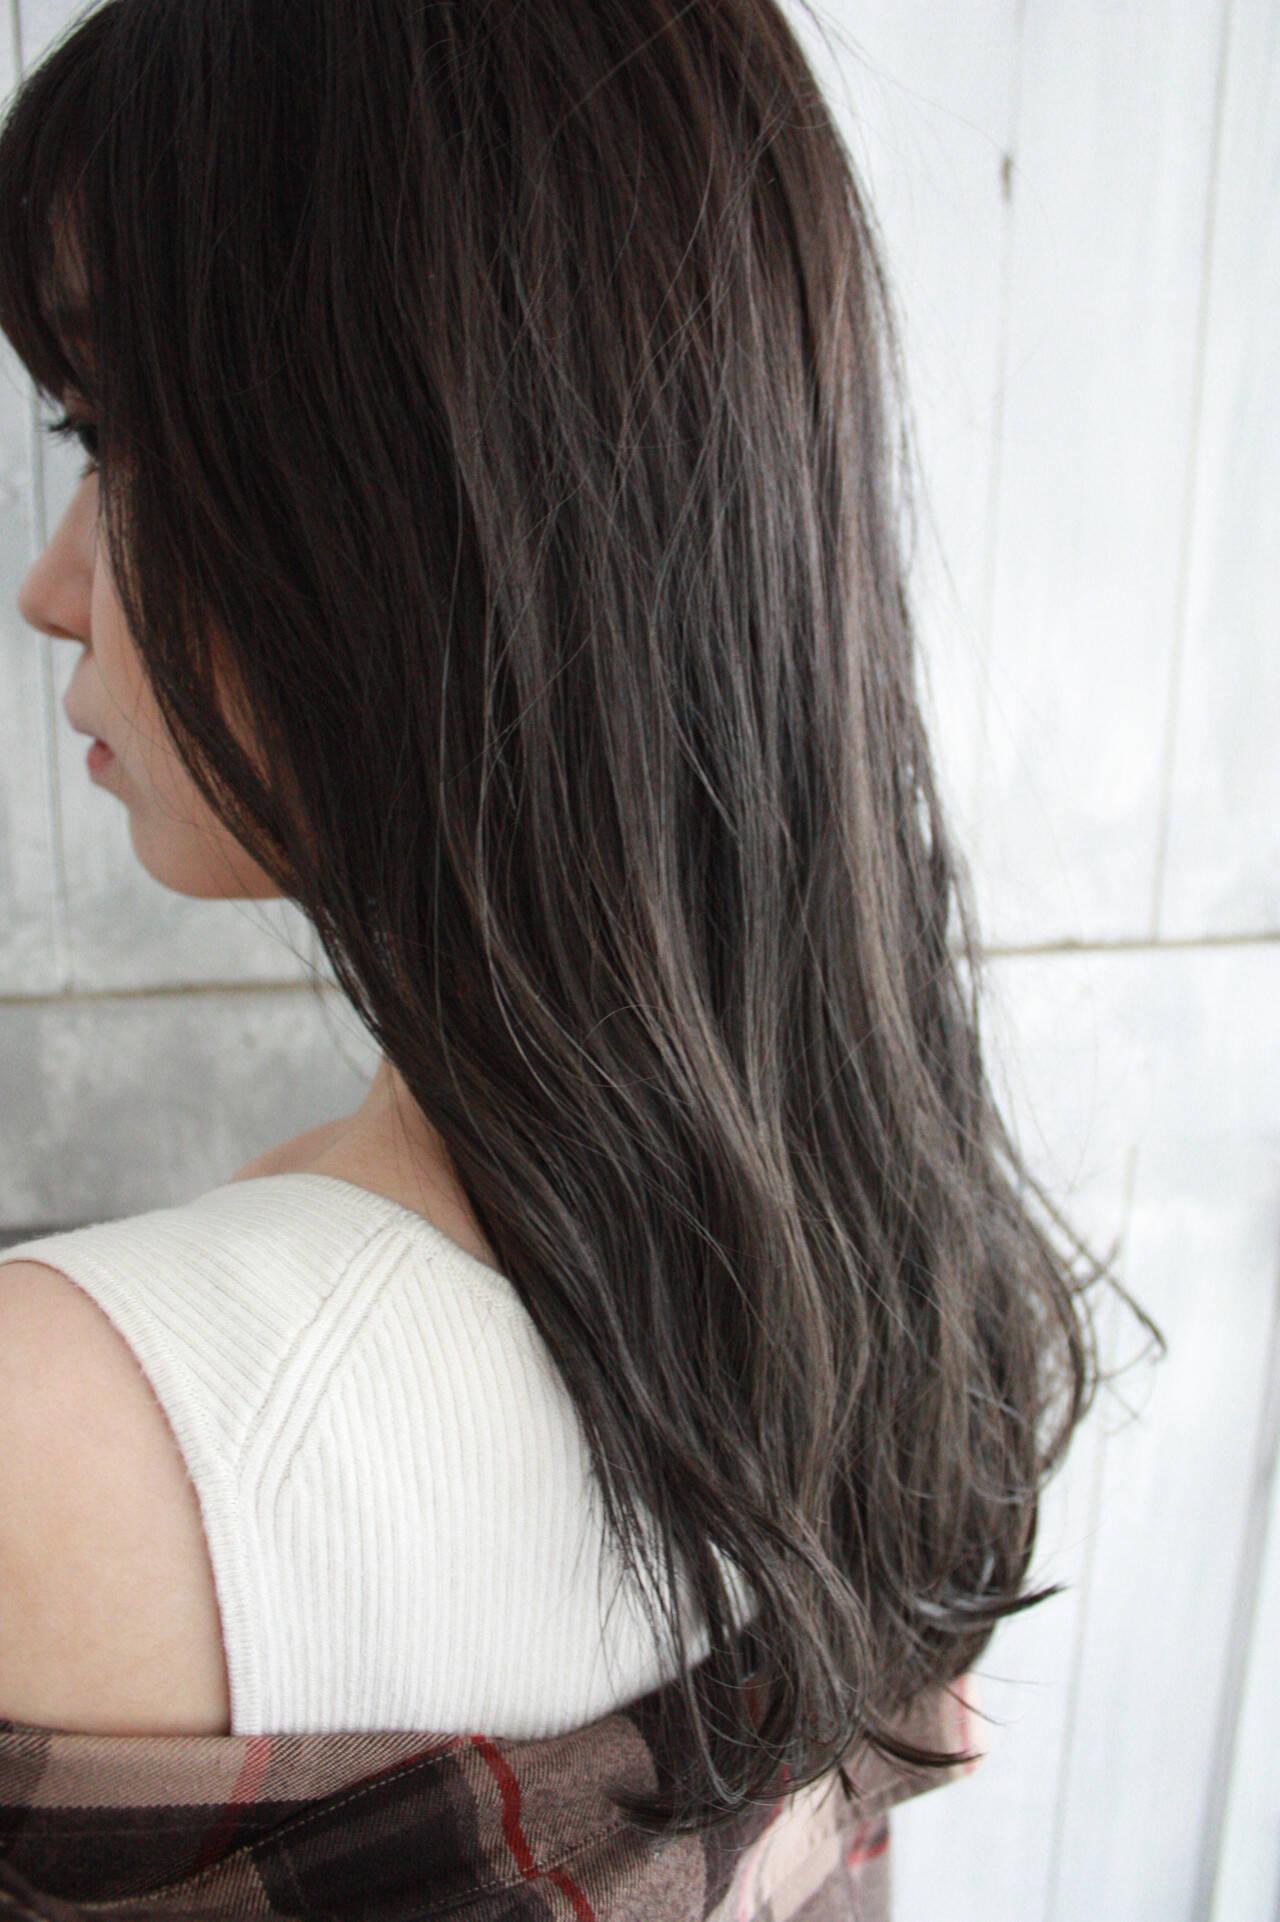 ロング 透明感カラー 圧倒的透明感 大人女子ヘアスタイルや髪型の写真・画像